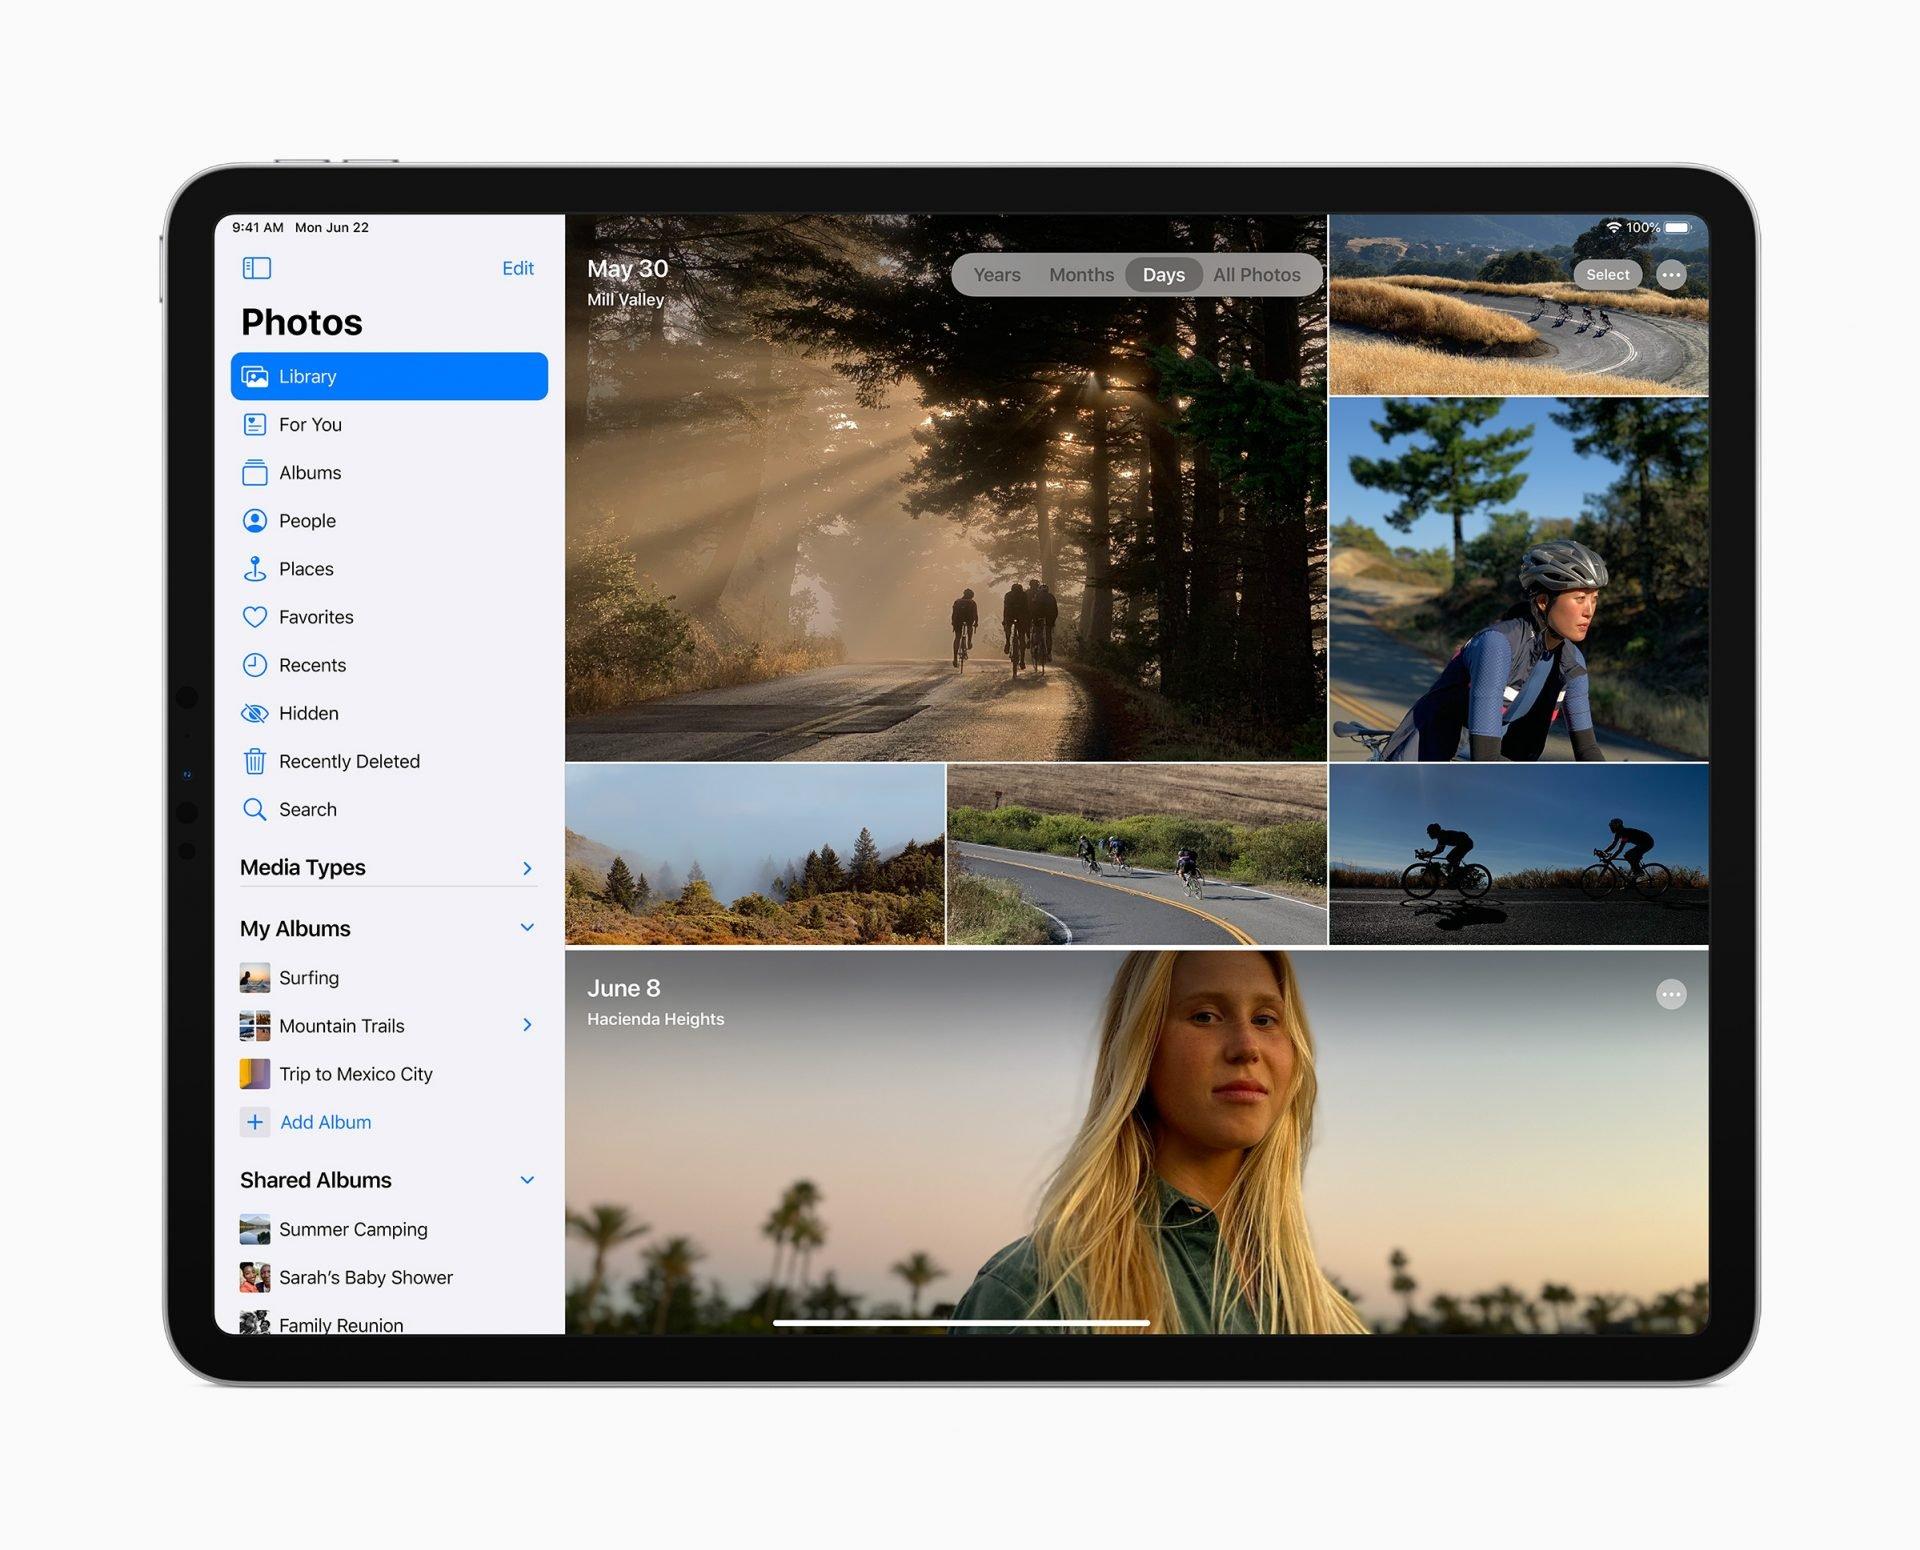 全新 iPadOS 14重量级新功能介绍